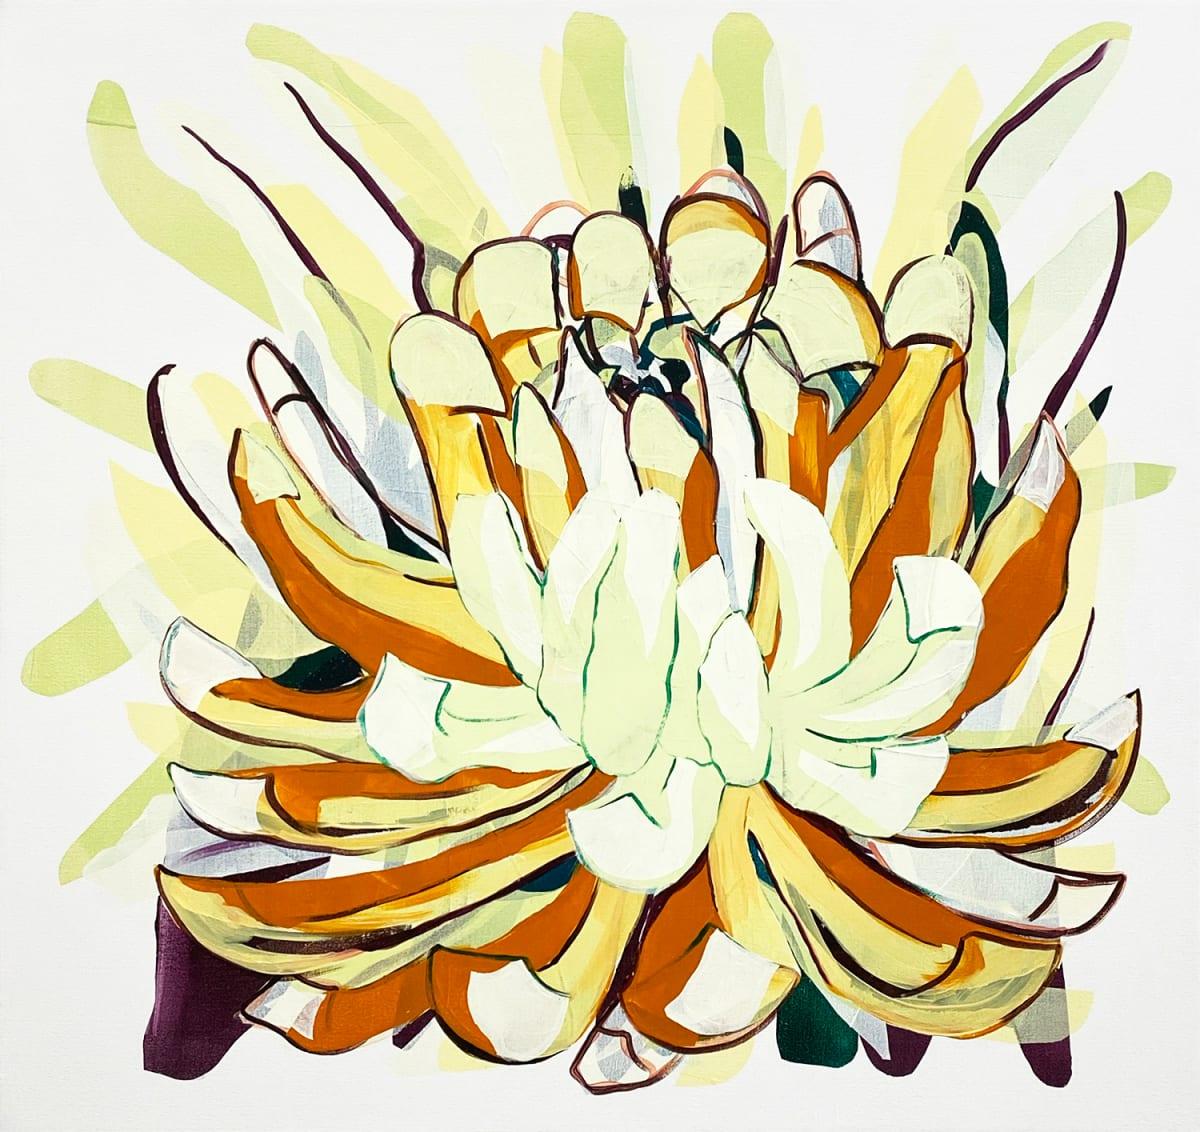 Chrysanthemum by Mel Reese